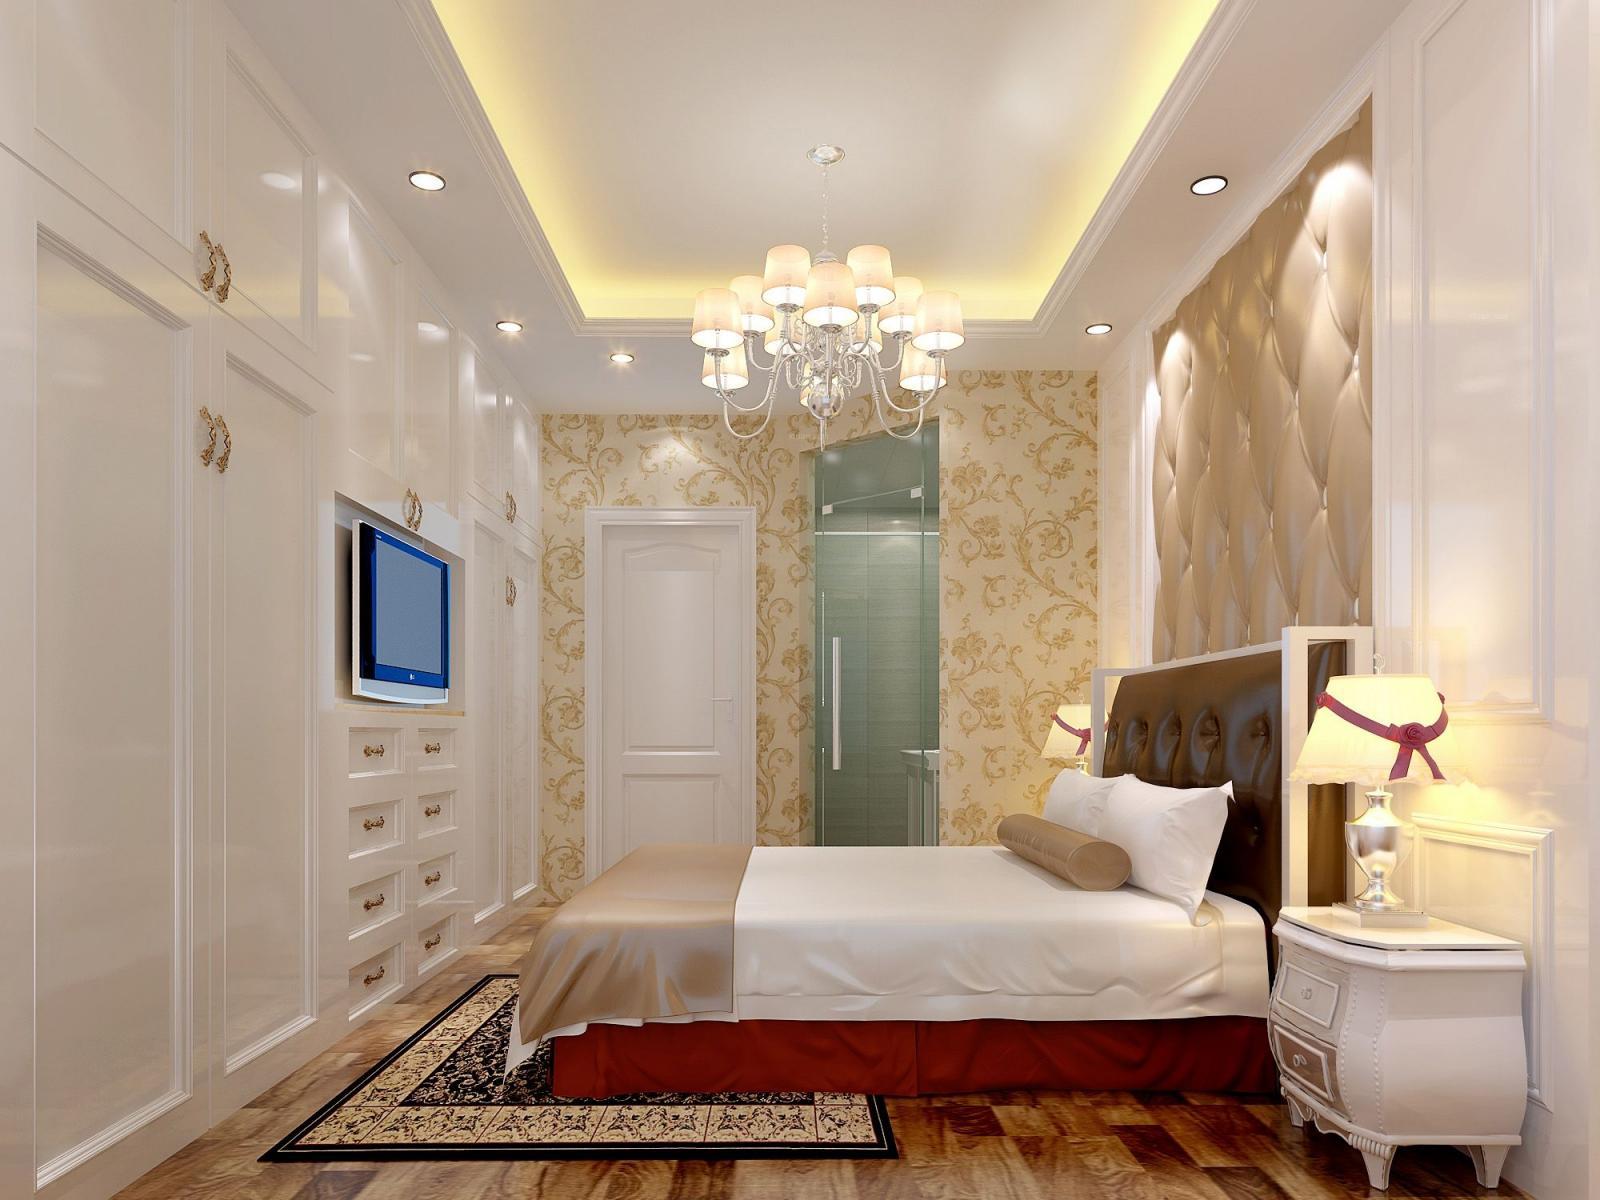 两室一厅简欧风格主卧室_中宏花苑2#1305装修效果图-x图片